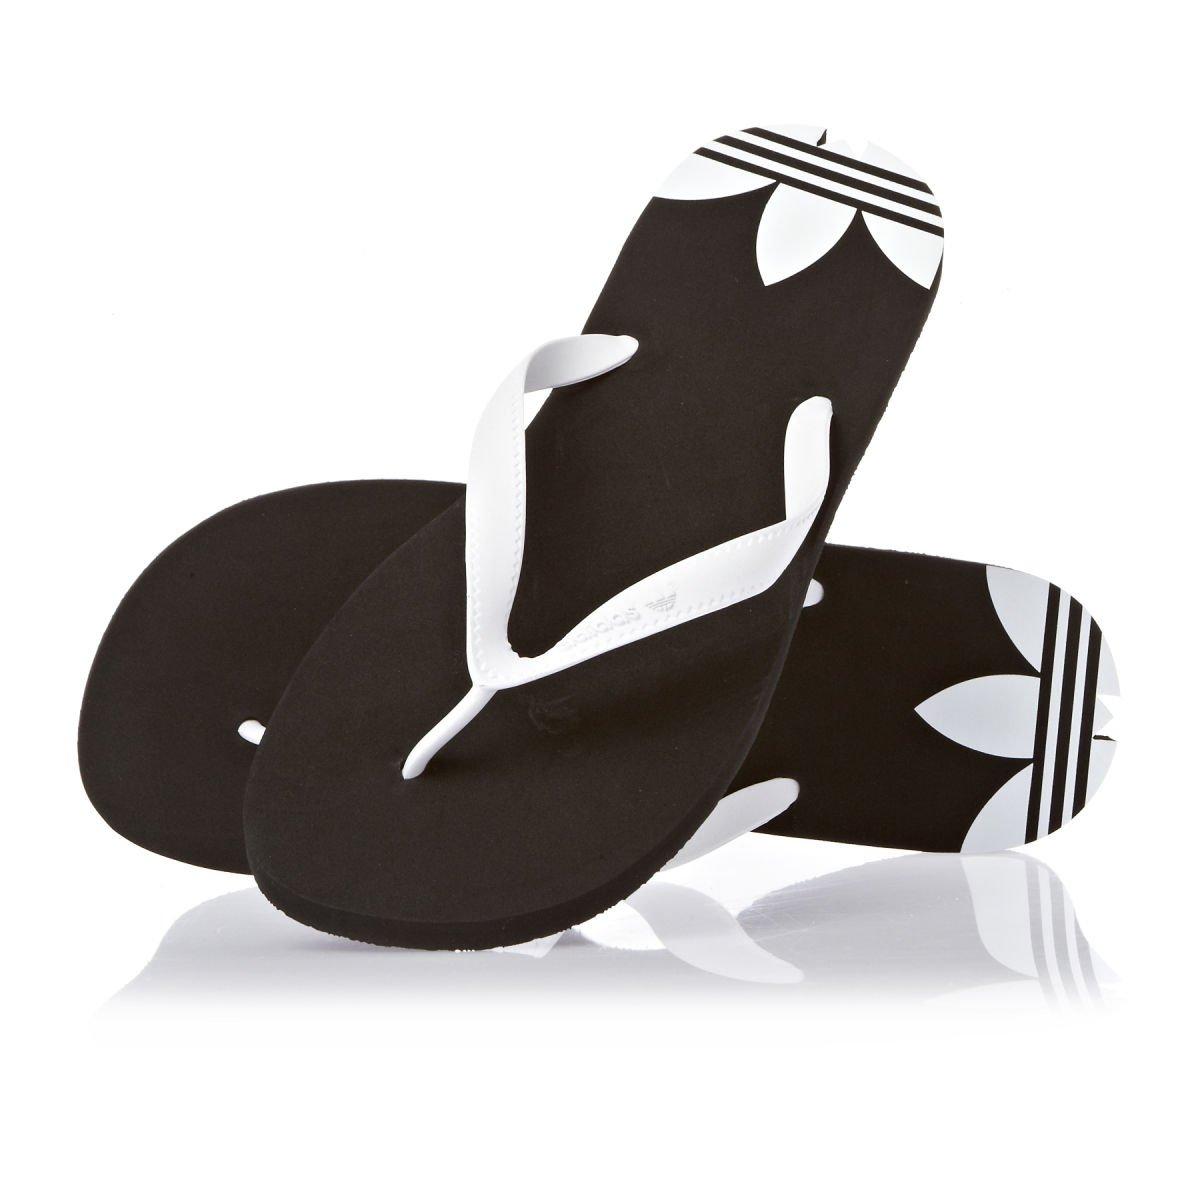 new product 38691 096d0 adidas Adi Sun Herren Sandalen Schwarz Amazon.de Schuhe  Han